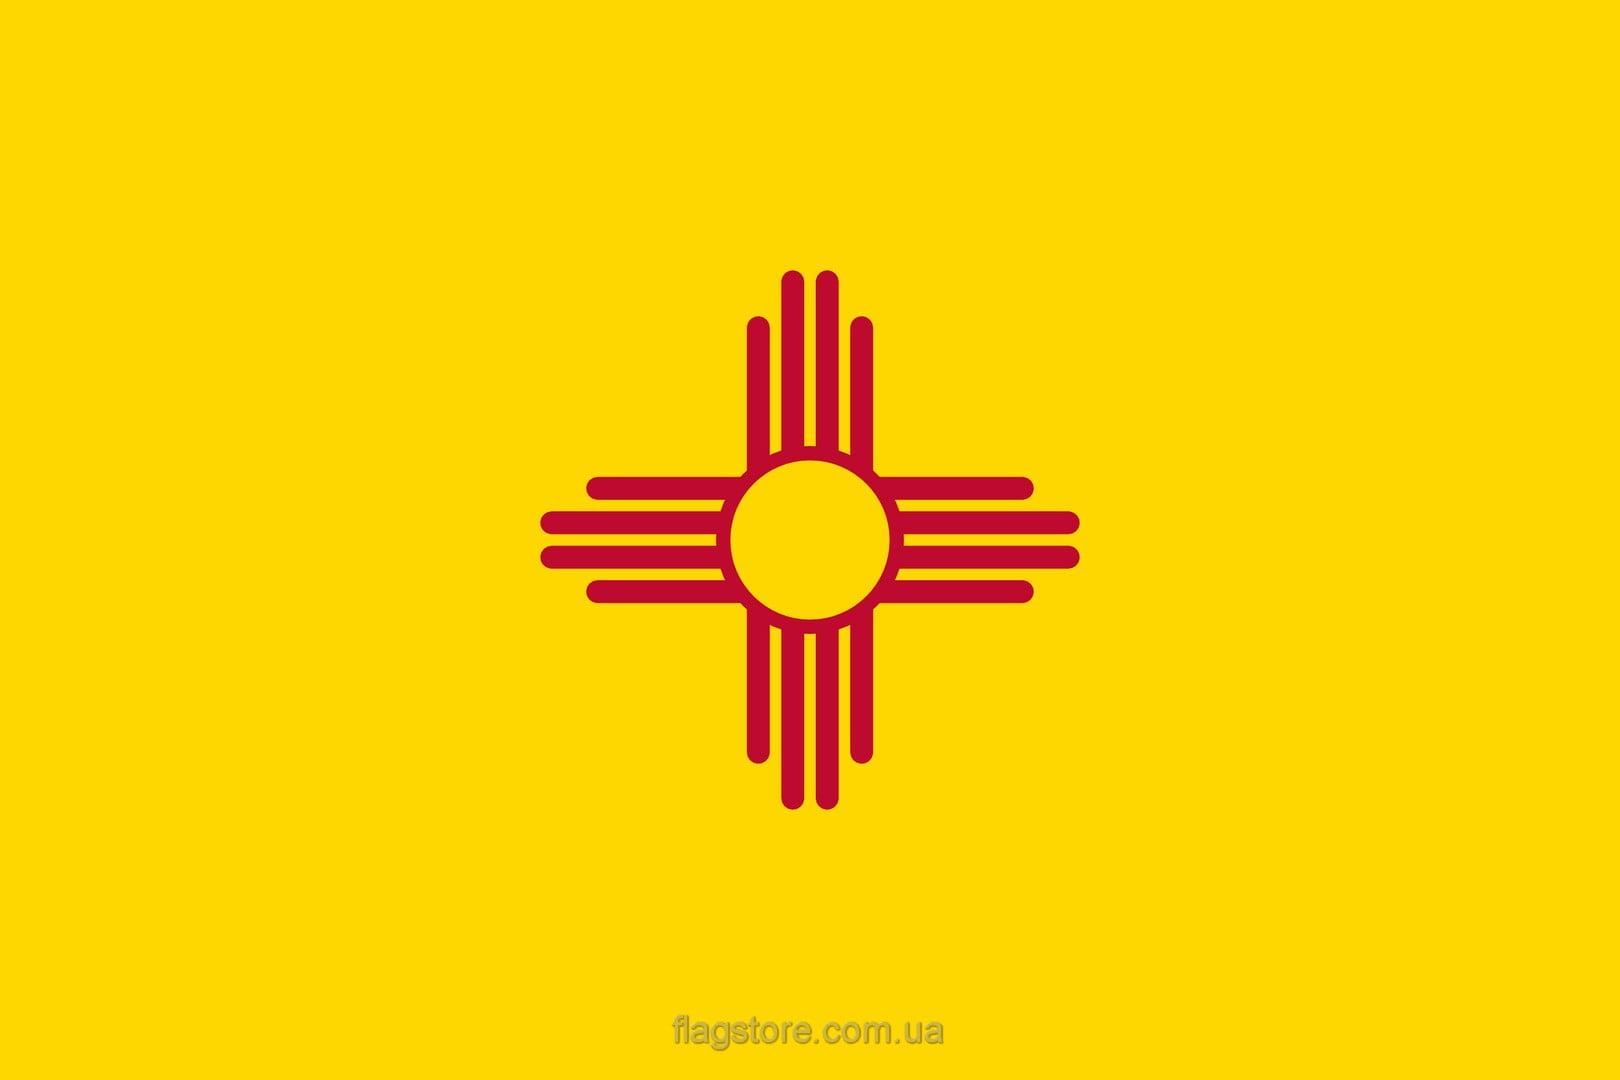 Купить флаг штата Нью-Мексико